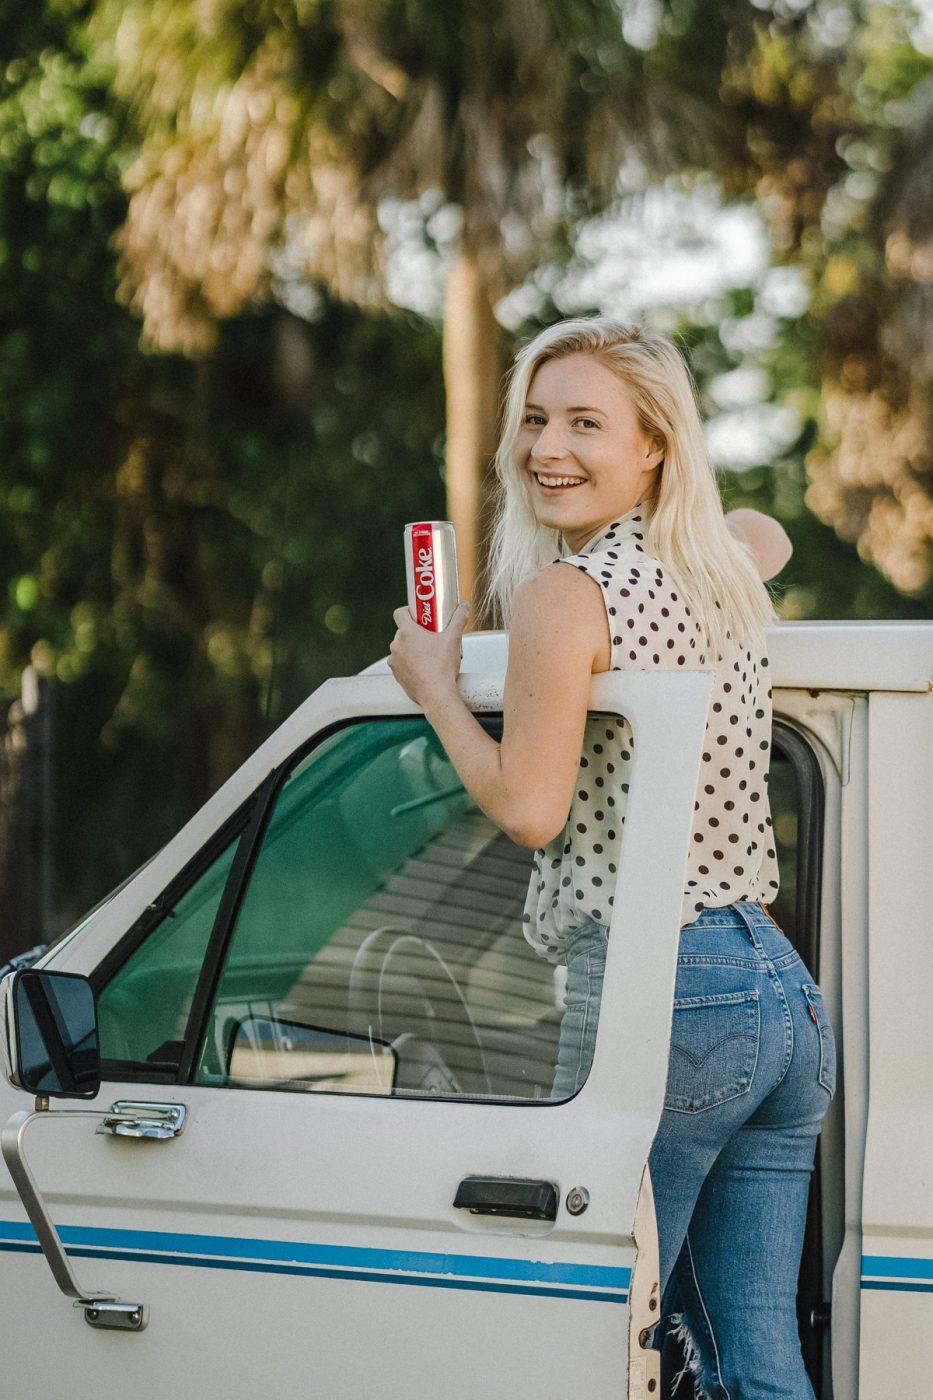 Diet Coke on a Roadtrip